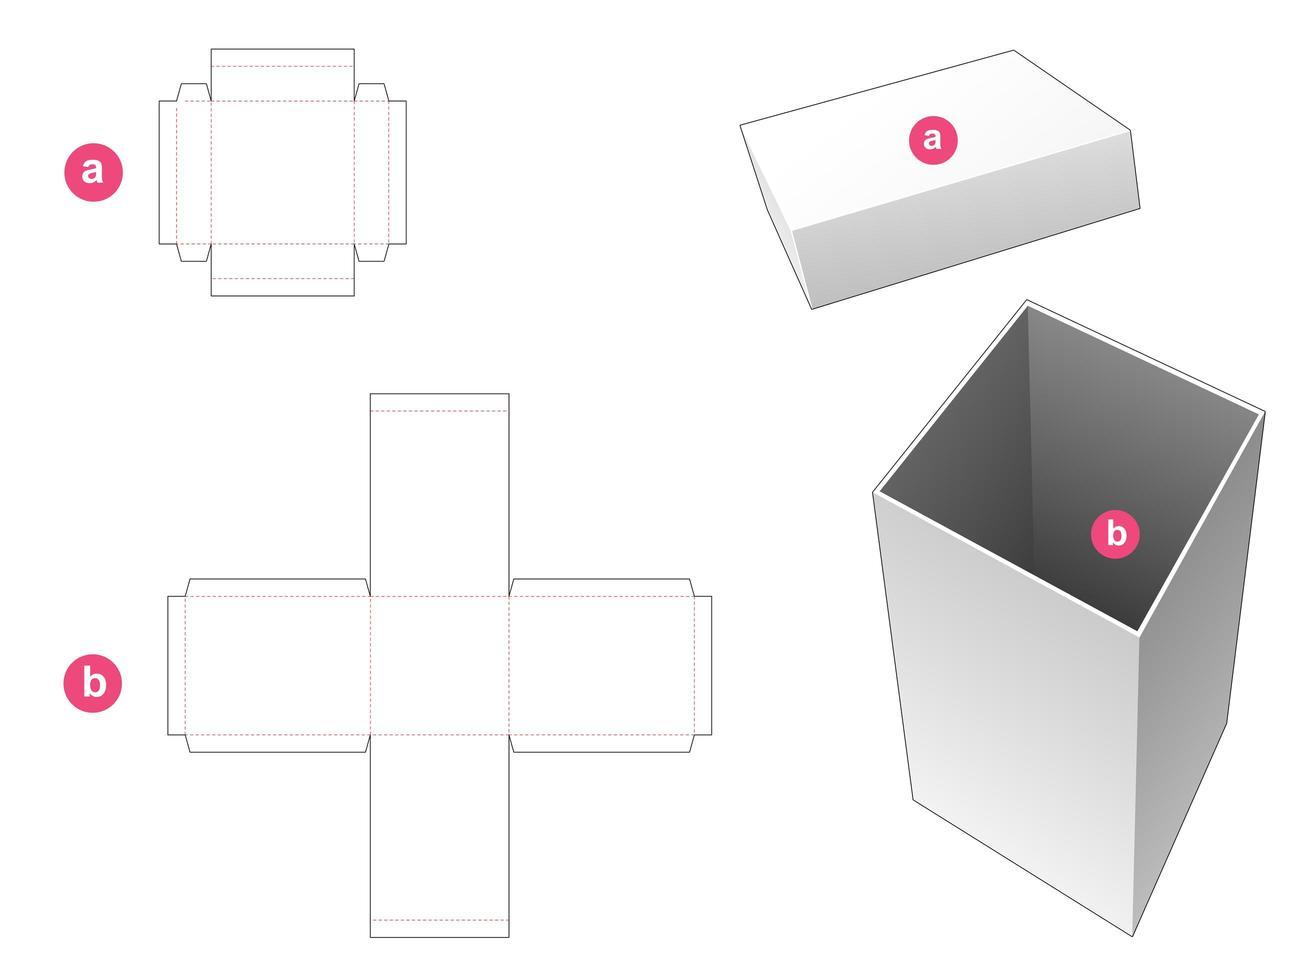 hohe rechteckige Box und Deckel vektor